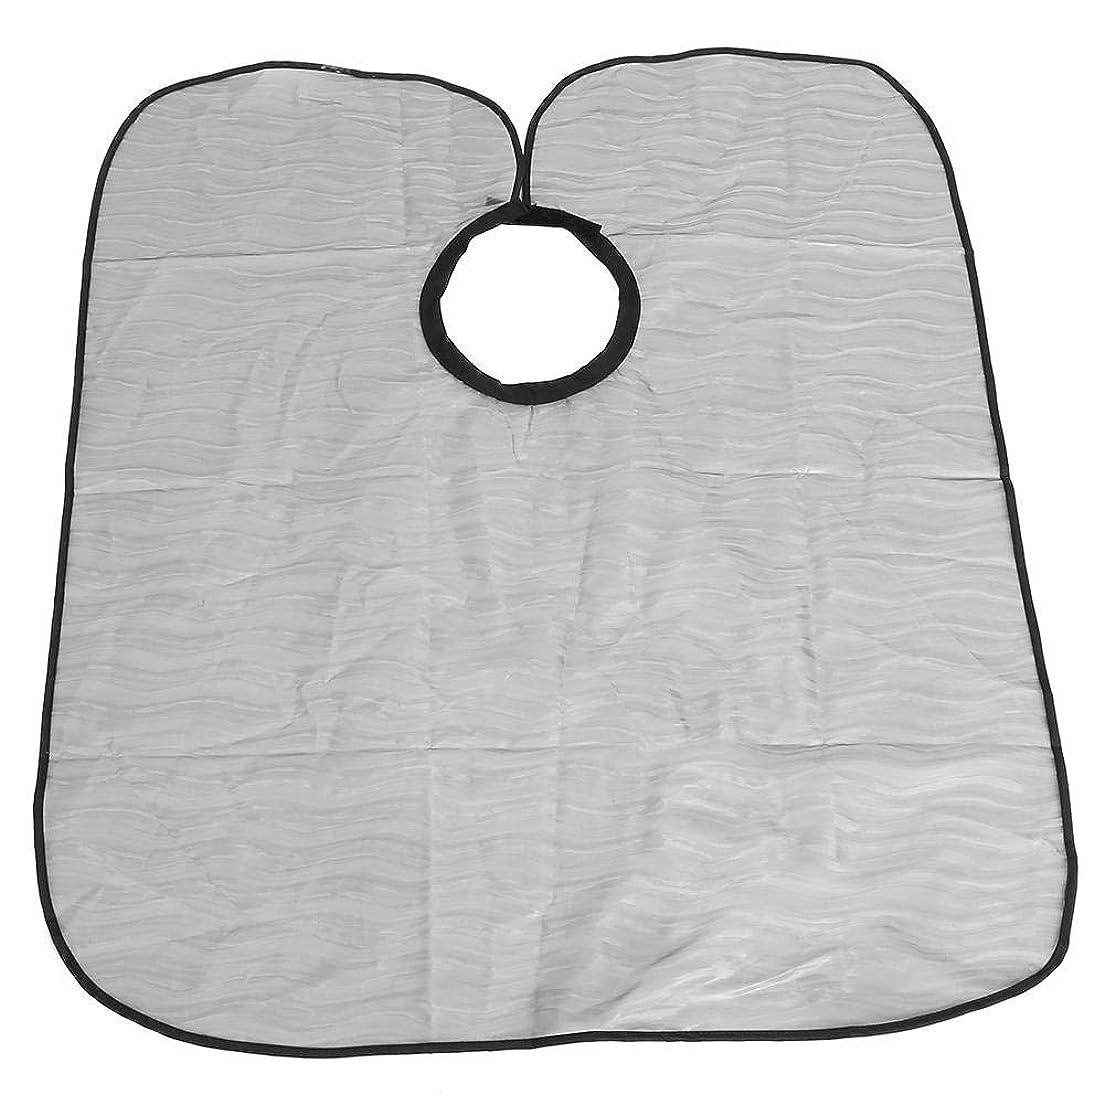 研究所フォルダ特殊理髪布、防水サロンヘアカットケープ理髪布ヘアスタイリストガウン理容岬(# 1)